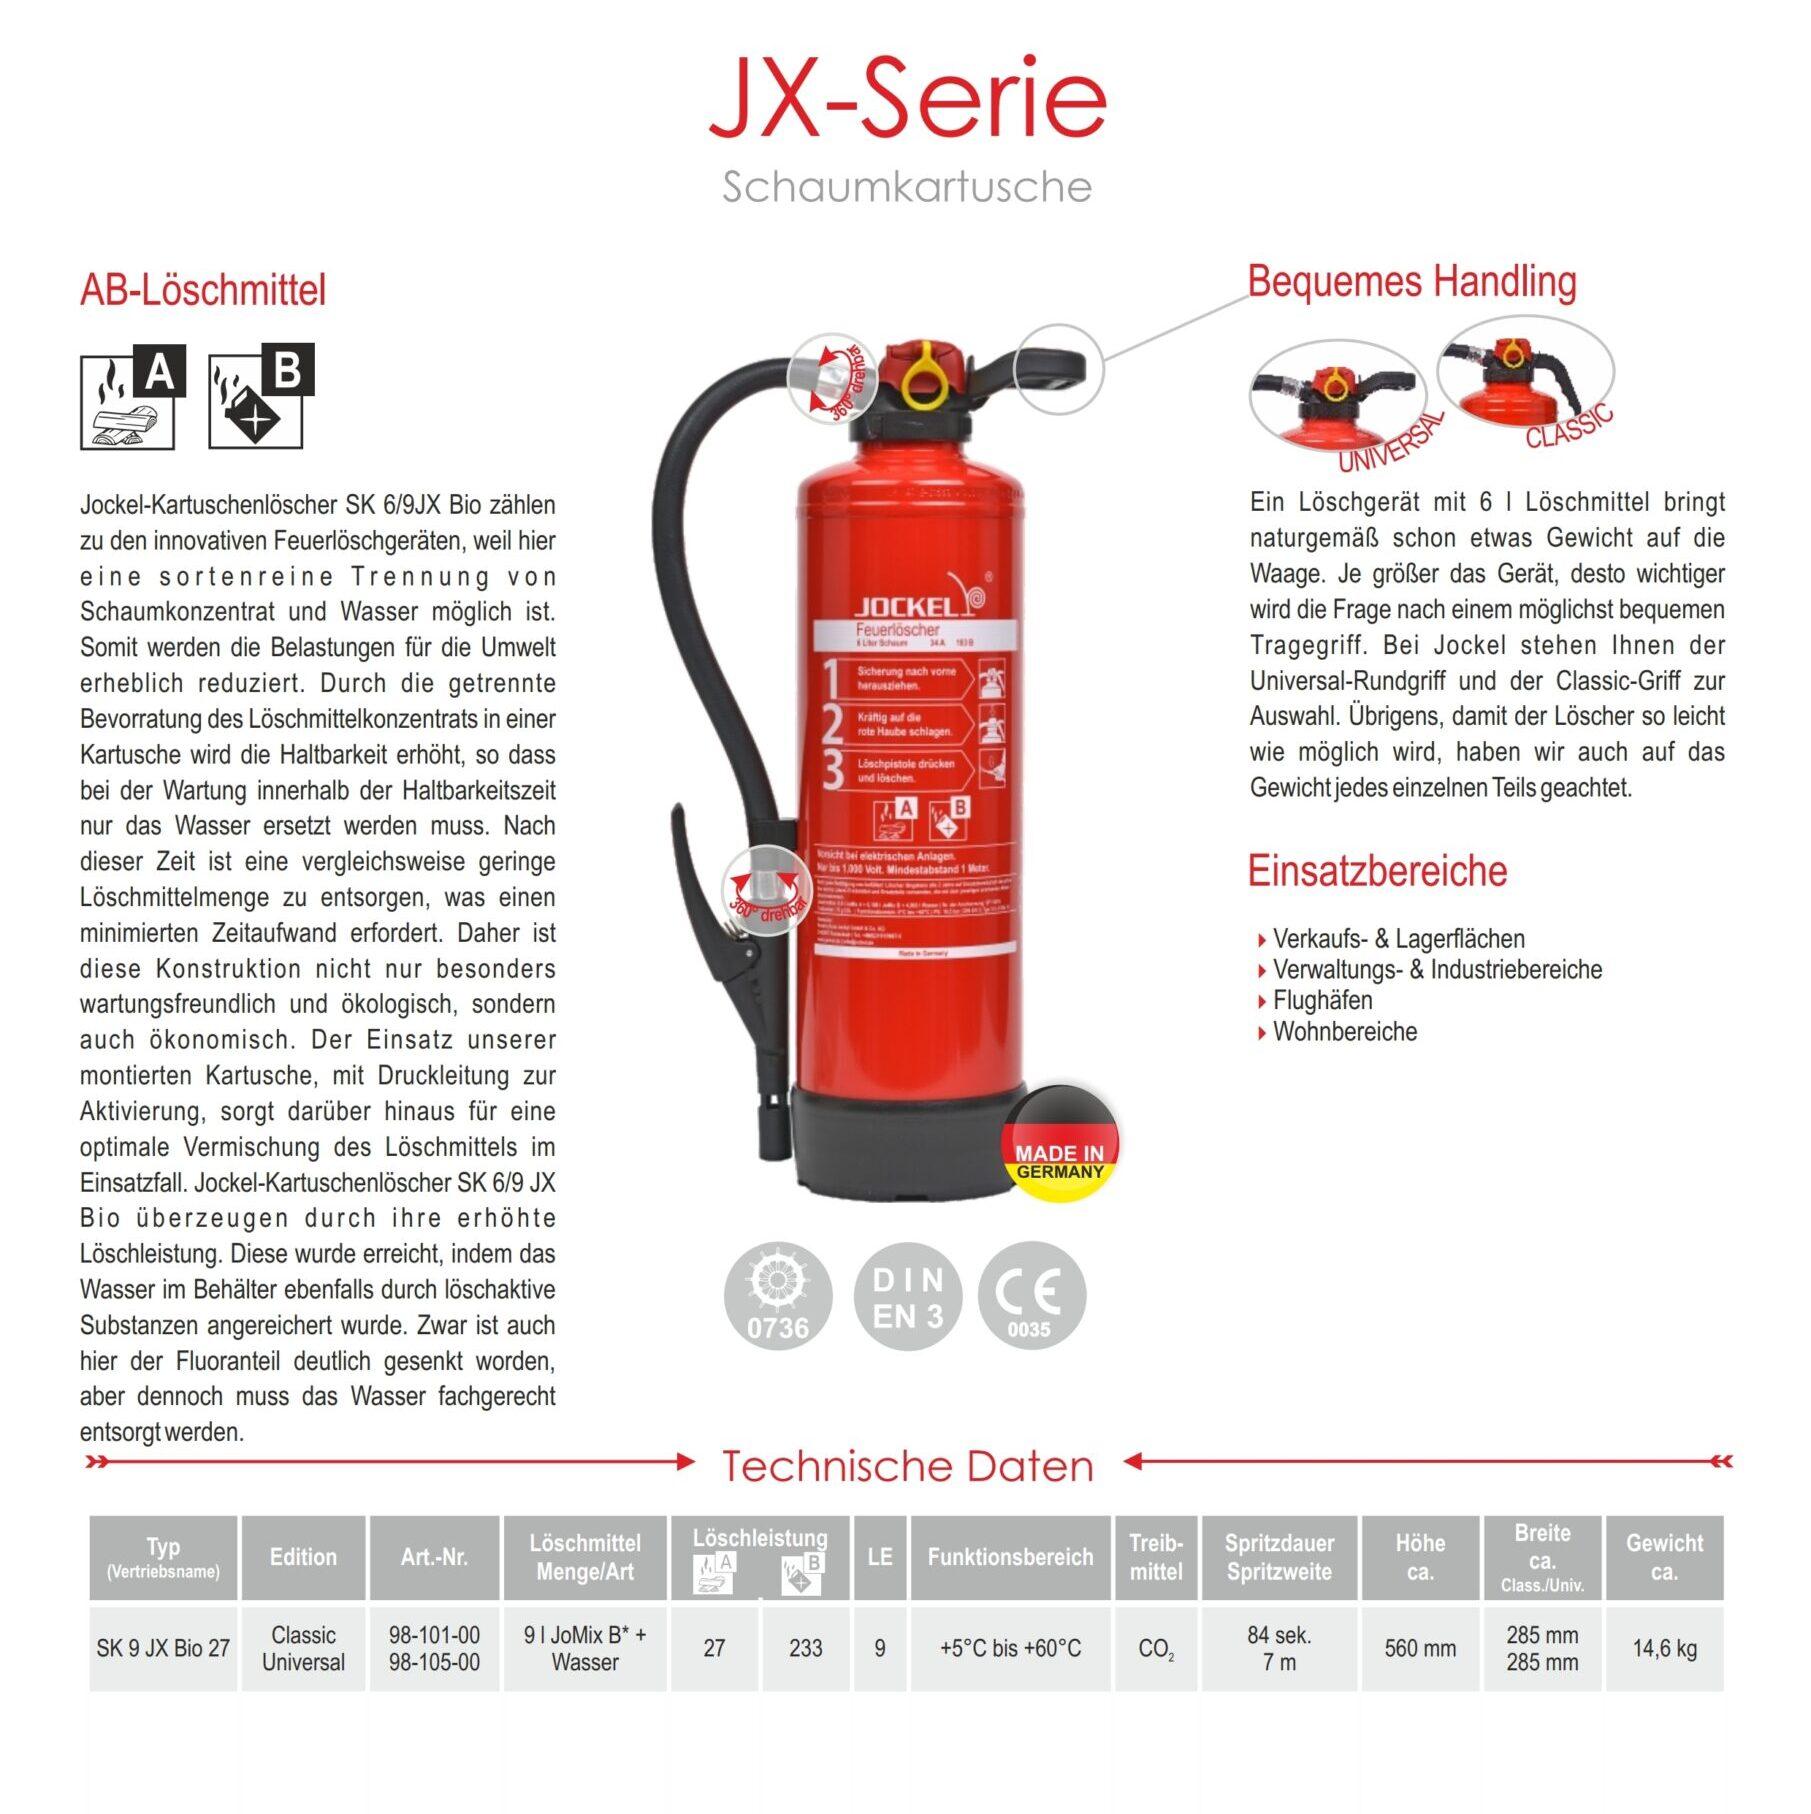 Schaum-Feuerlöscher 9 Liter